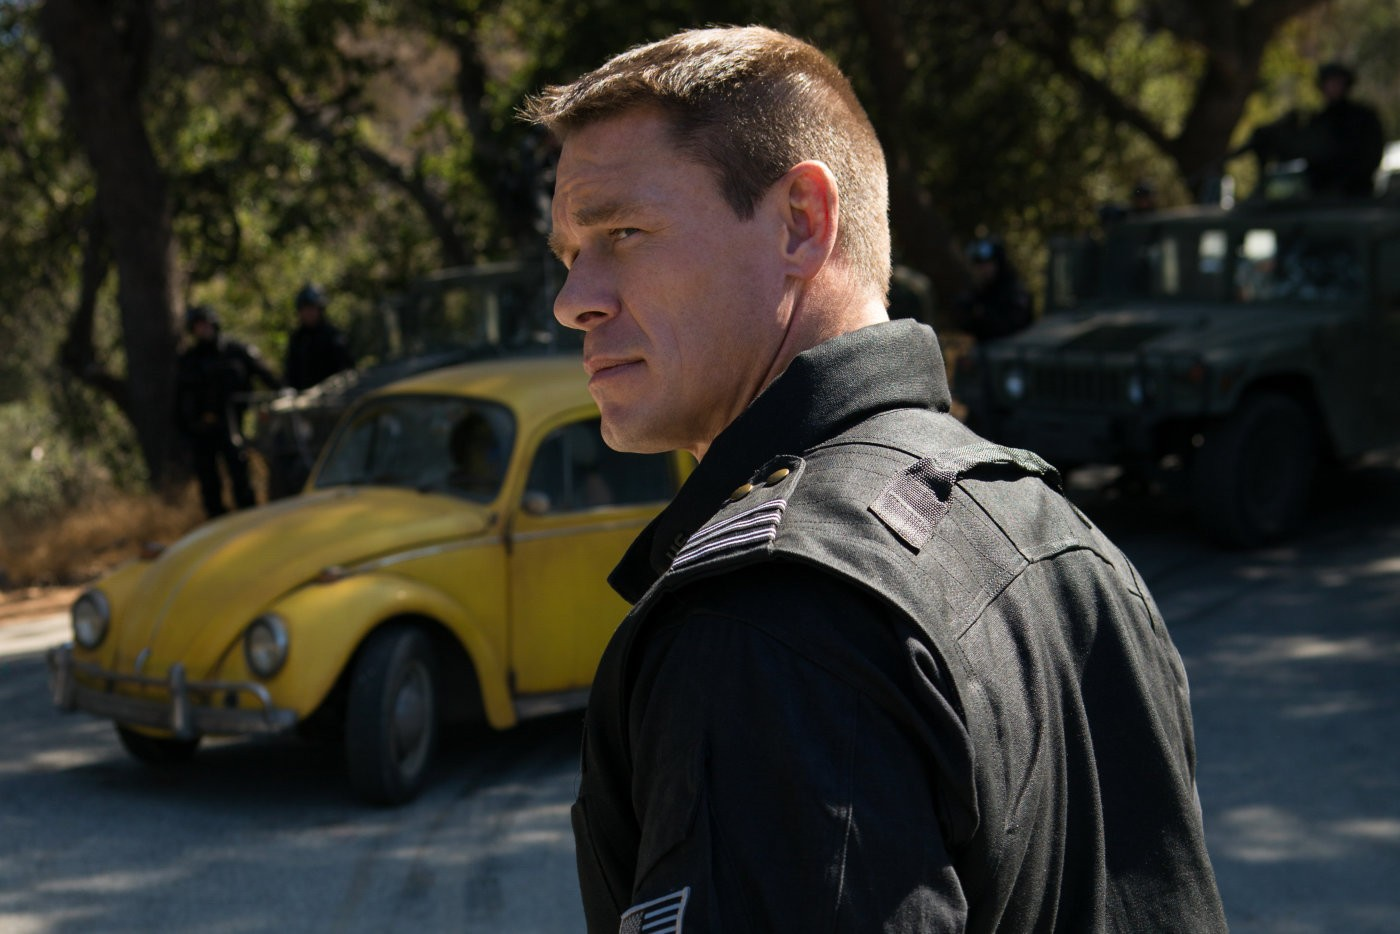 John Cena, o vilão ~humano~ de Bumblebee (Foto: divulgação)